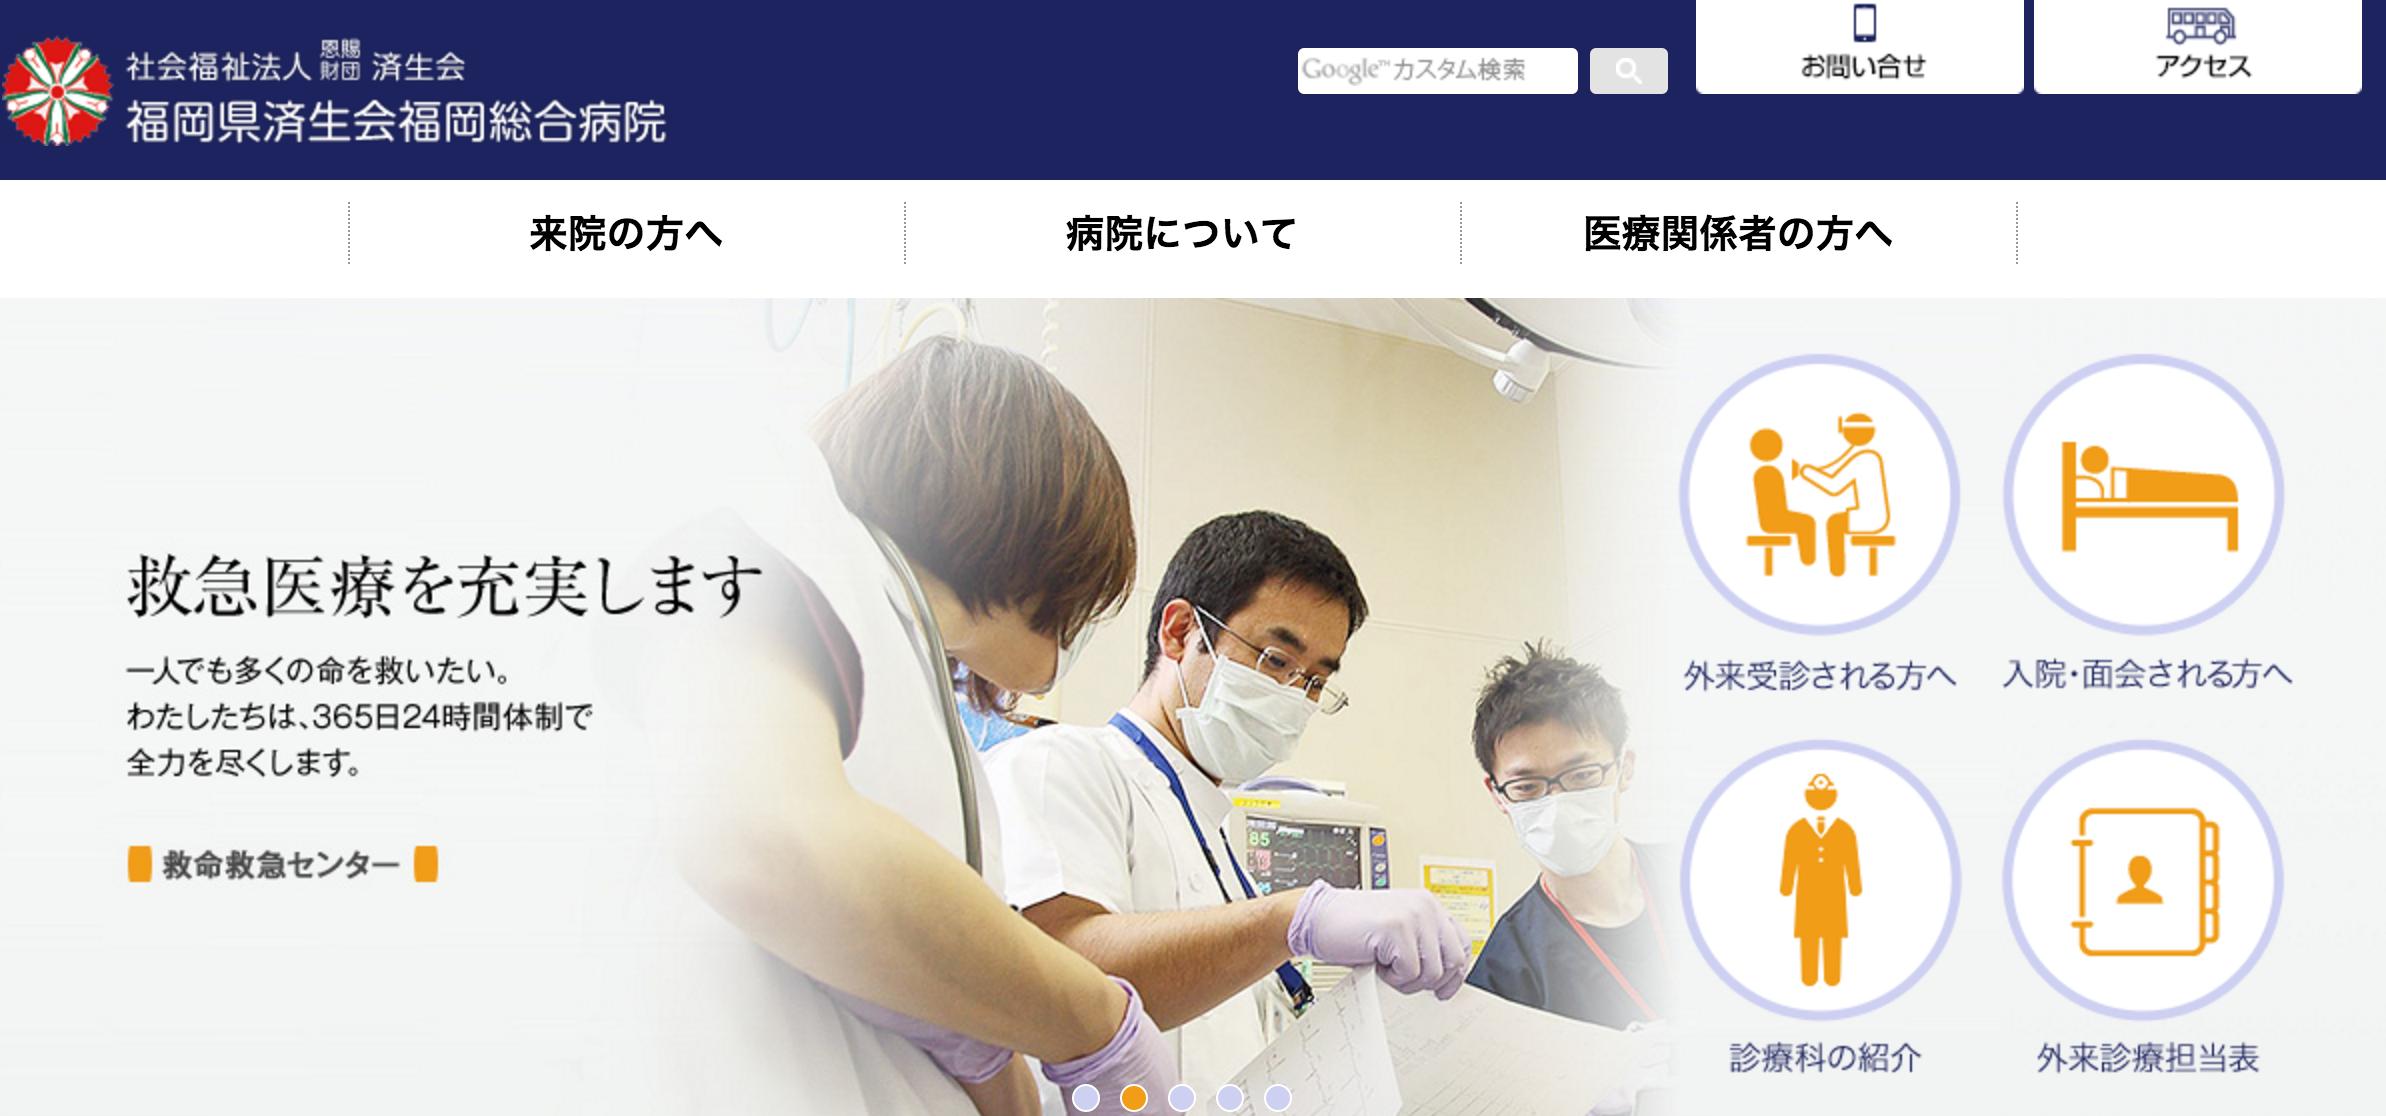 福岡県済生会福岡総合病院